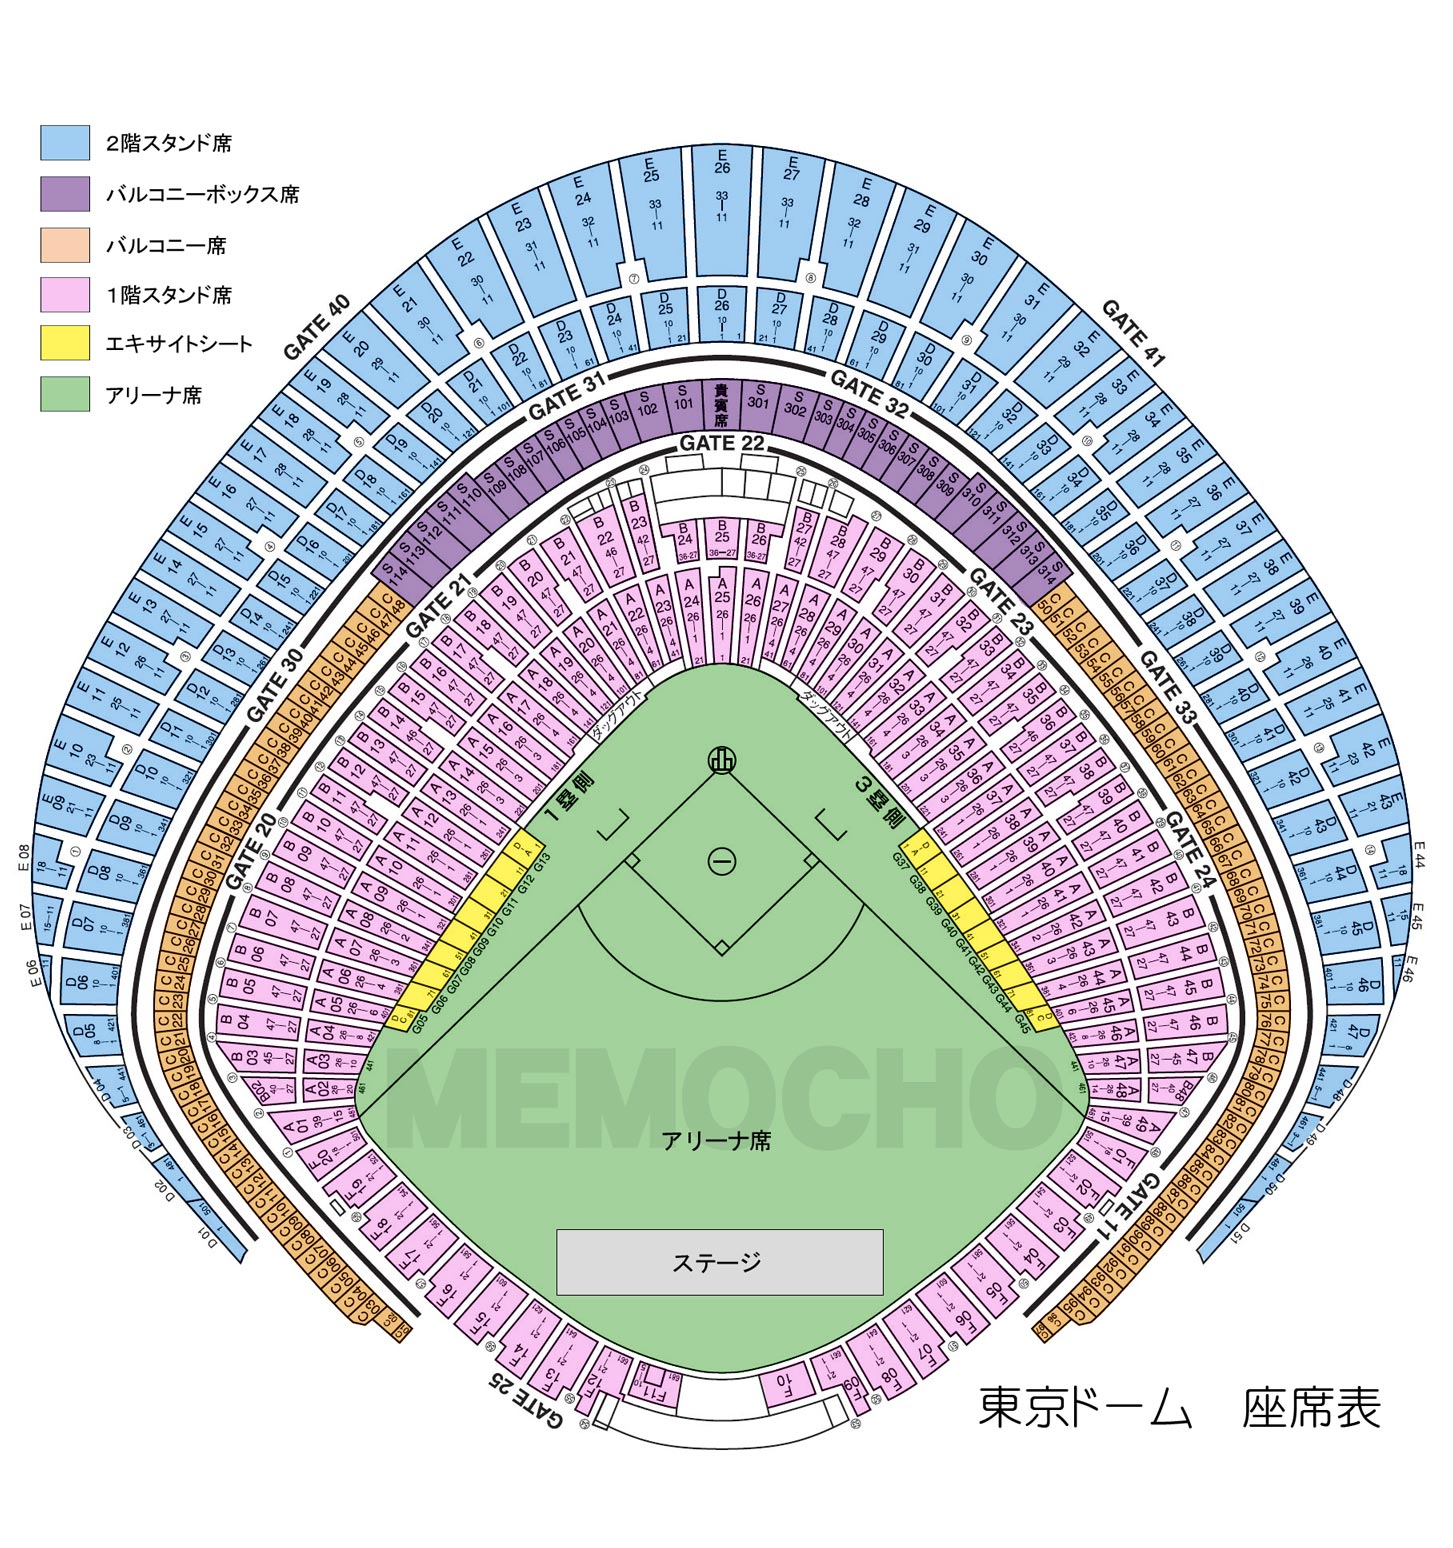 東京ドーム座席表